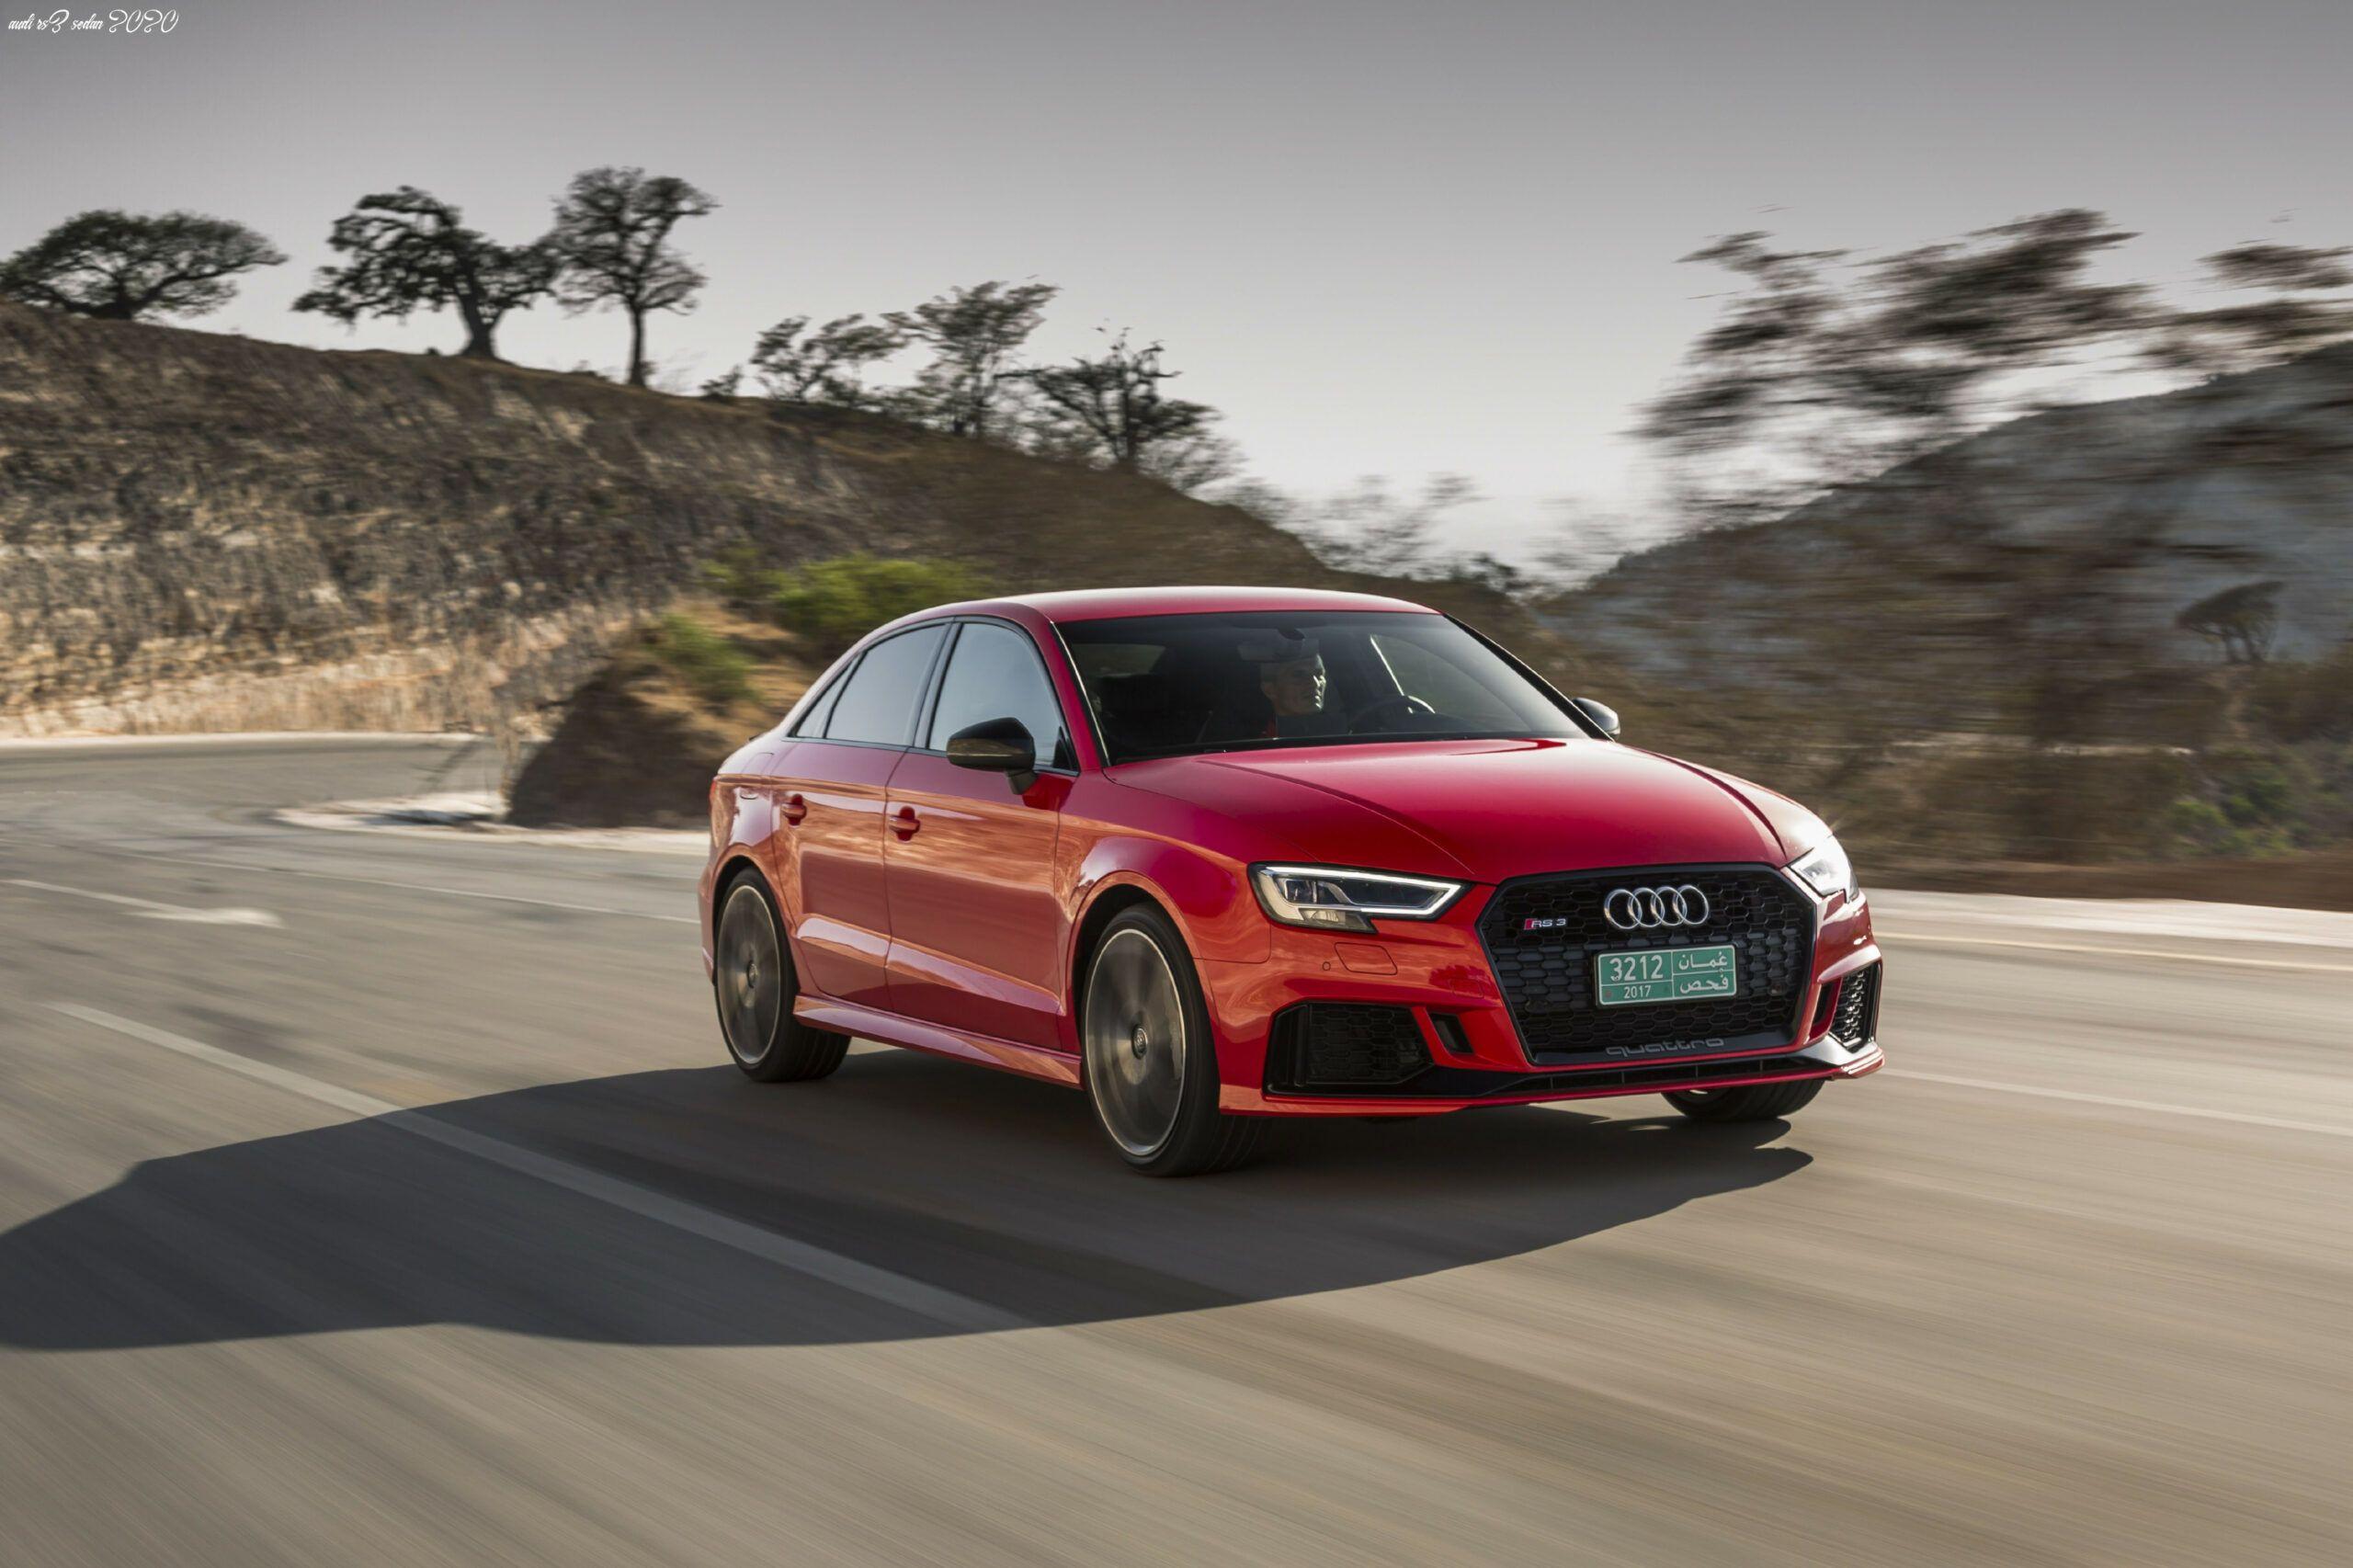 Audi Rs3 Sedan 2020 In 2020 Audi Rs3 Audi Rs Audi